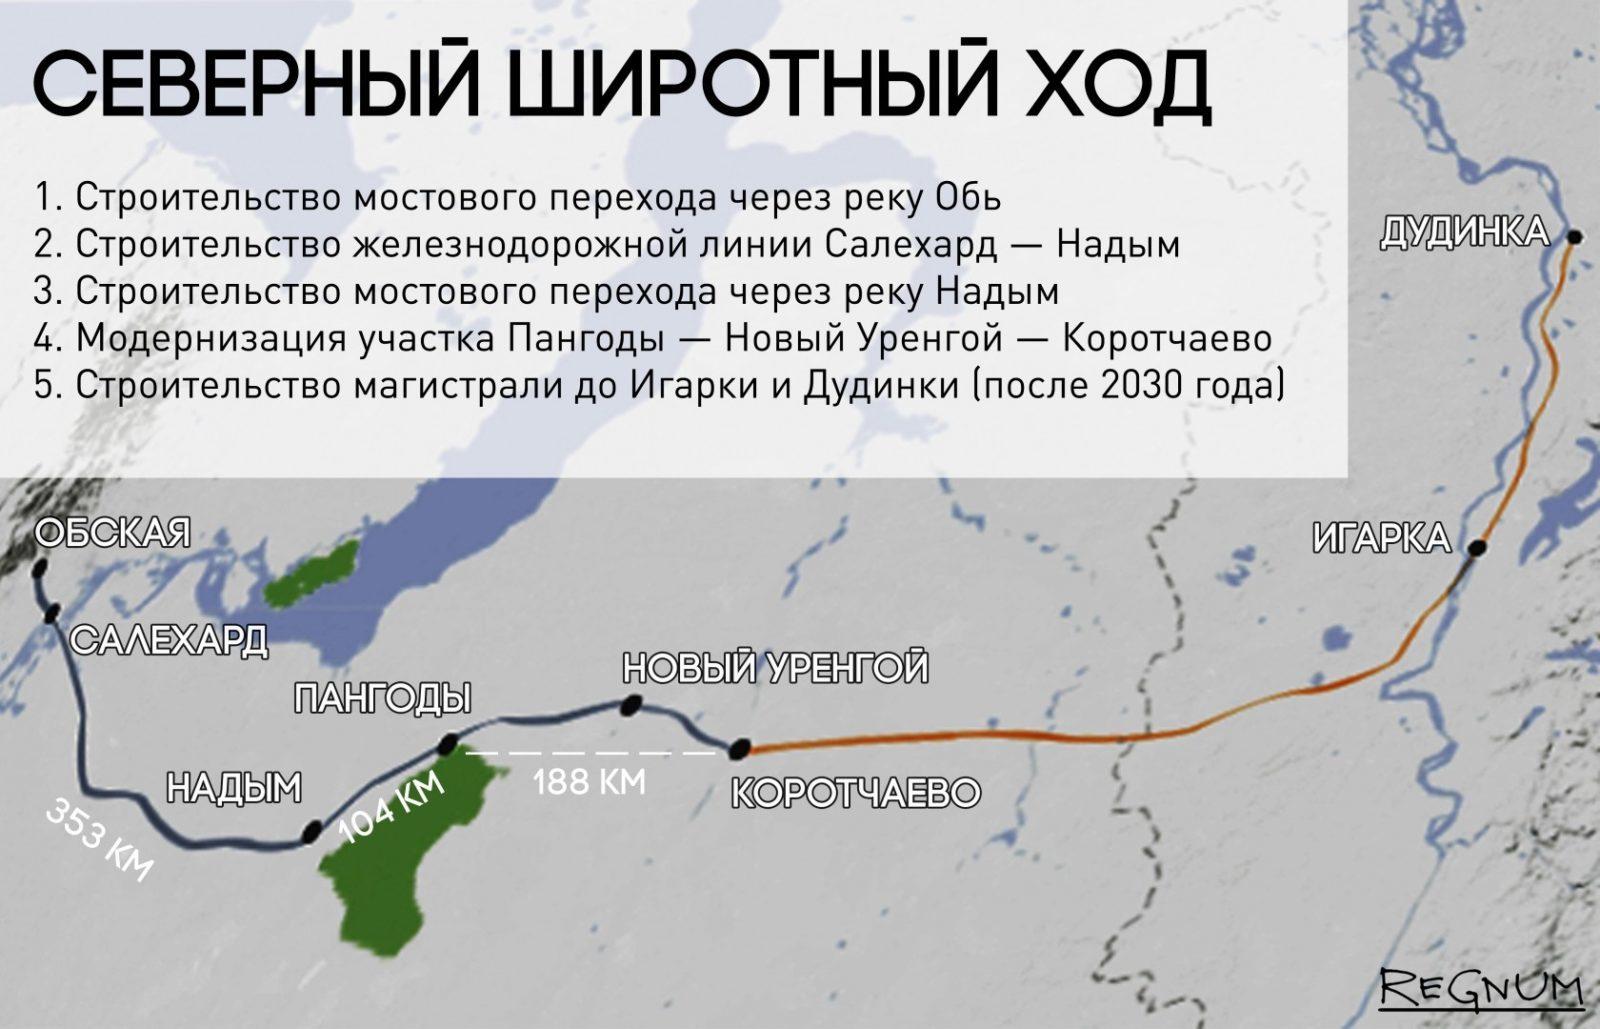 Начало осуществления сталинского проекта Россией озадачило Вашингтон